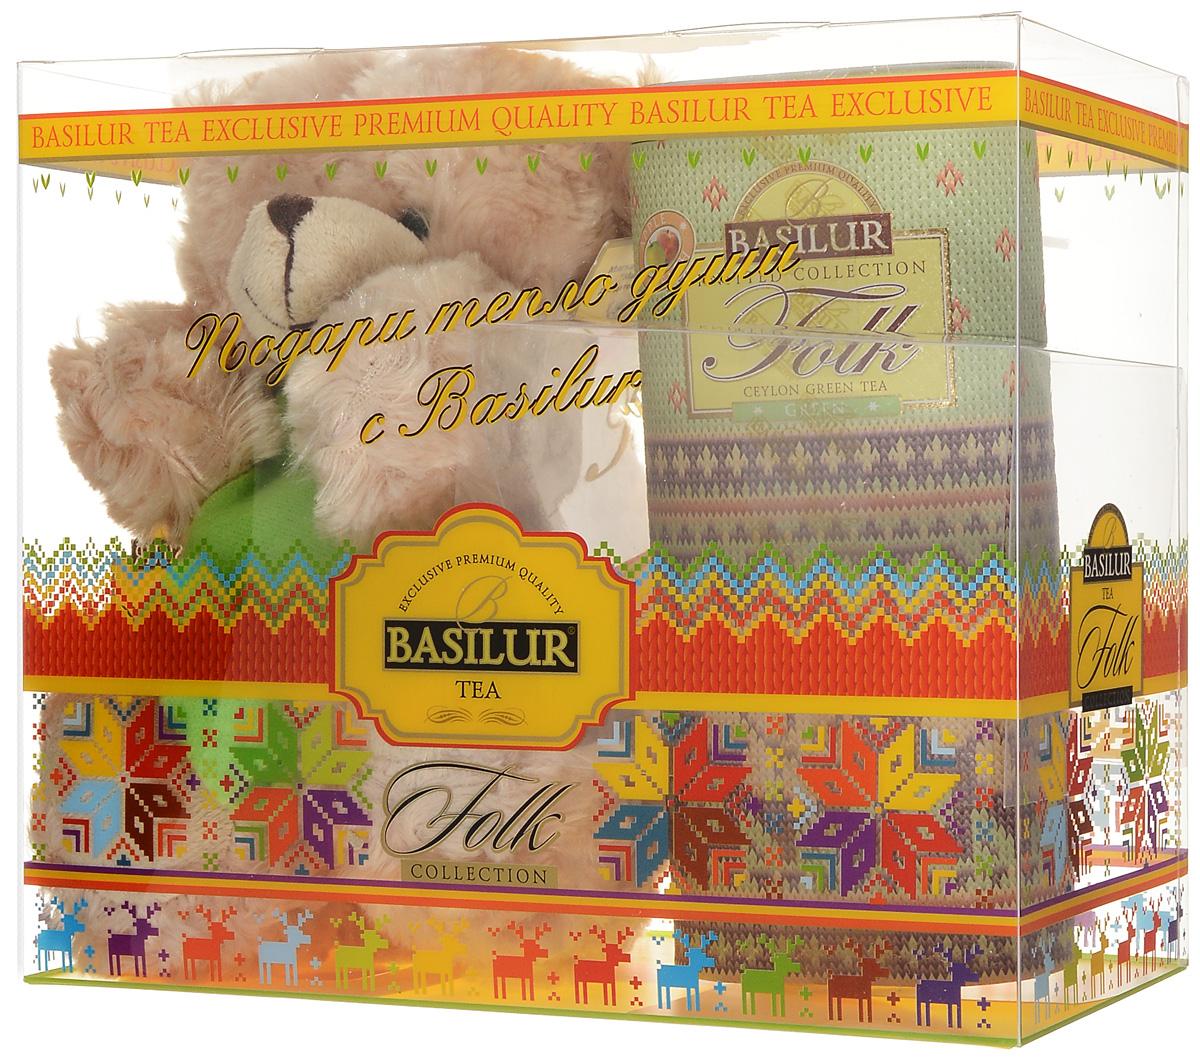 Basilur Folk Green зеленый листовой чай с игрушкой, 100 г50200-00Подарочный набор Радость включает в себя зеленый листовой чай Basilur Folk Green и мягкую игрушку - плюшевого мишку, который порадует и взрослых и детей. Для детей всегда желанна новая игрушка, особенно такой милый медвежонок. Что касается взрослых, то каждый из нас когда-то был ребенком и имел любимую игрушку, которой можно было рассказать заветные секреты. Размер игрушки: 240 x 200 x 100 мм. Basilur Folk Green - зелёный цейлонский байховый листовой чай с яблоком, лепестками цветов и ароматами яблока и персика в красивой подарочной упаковке.